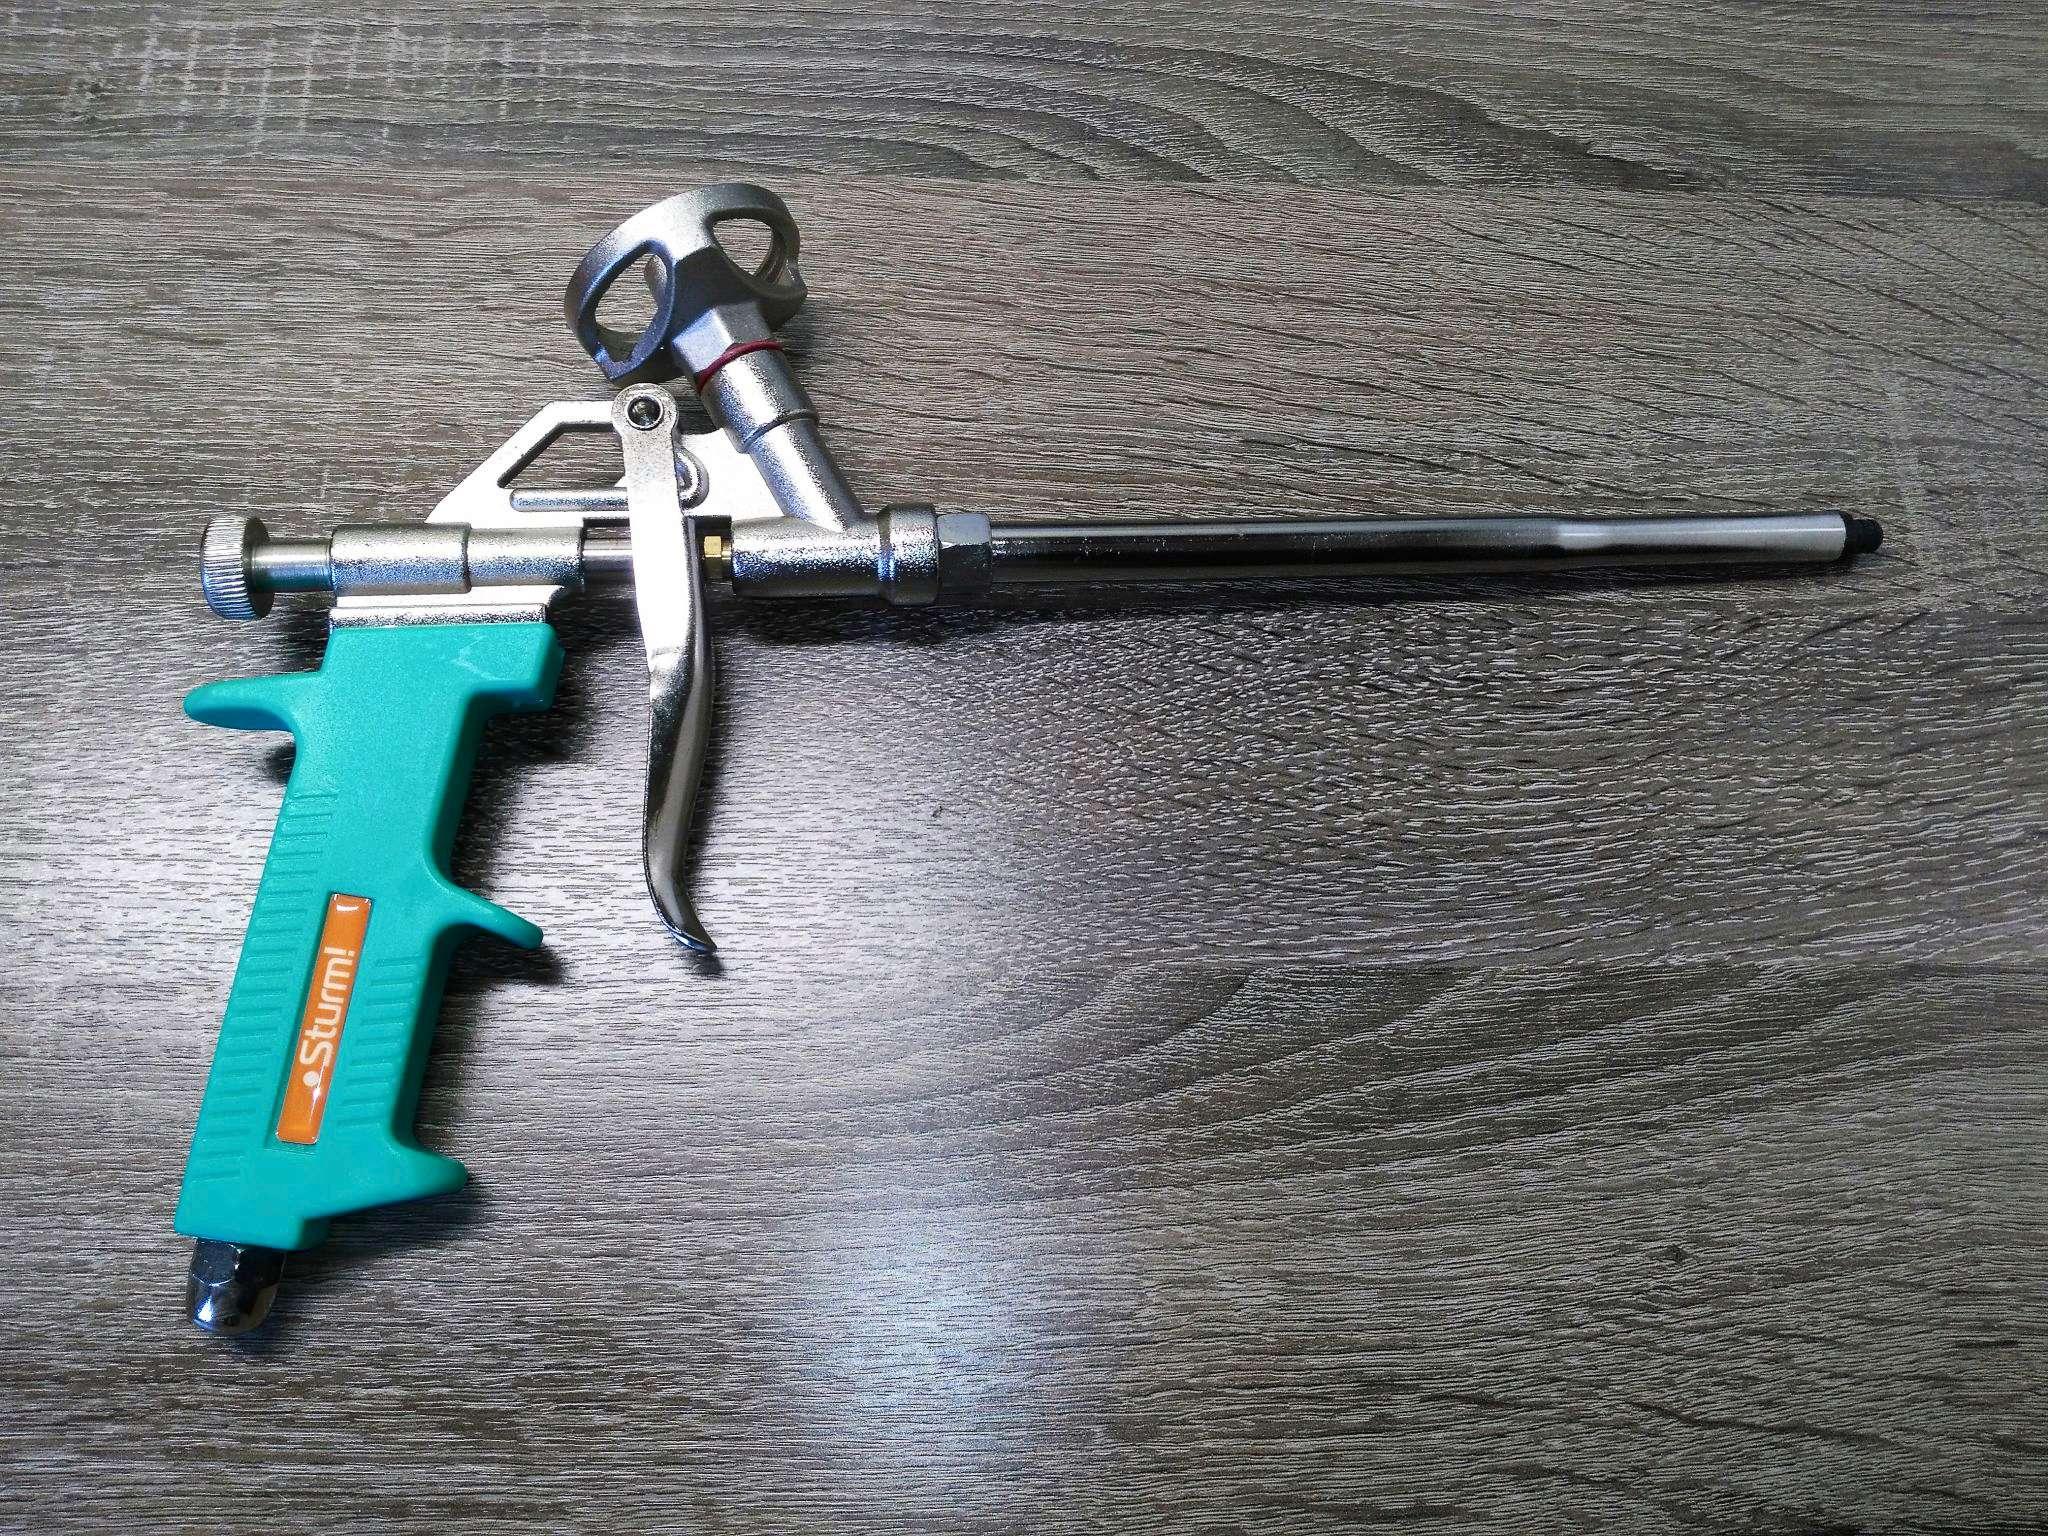 Пистолет для пены на полу